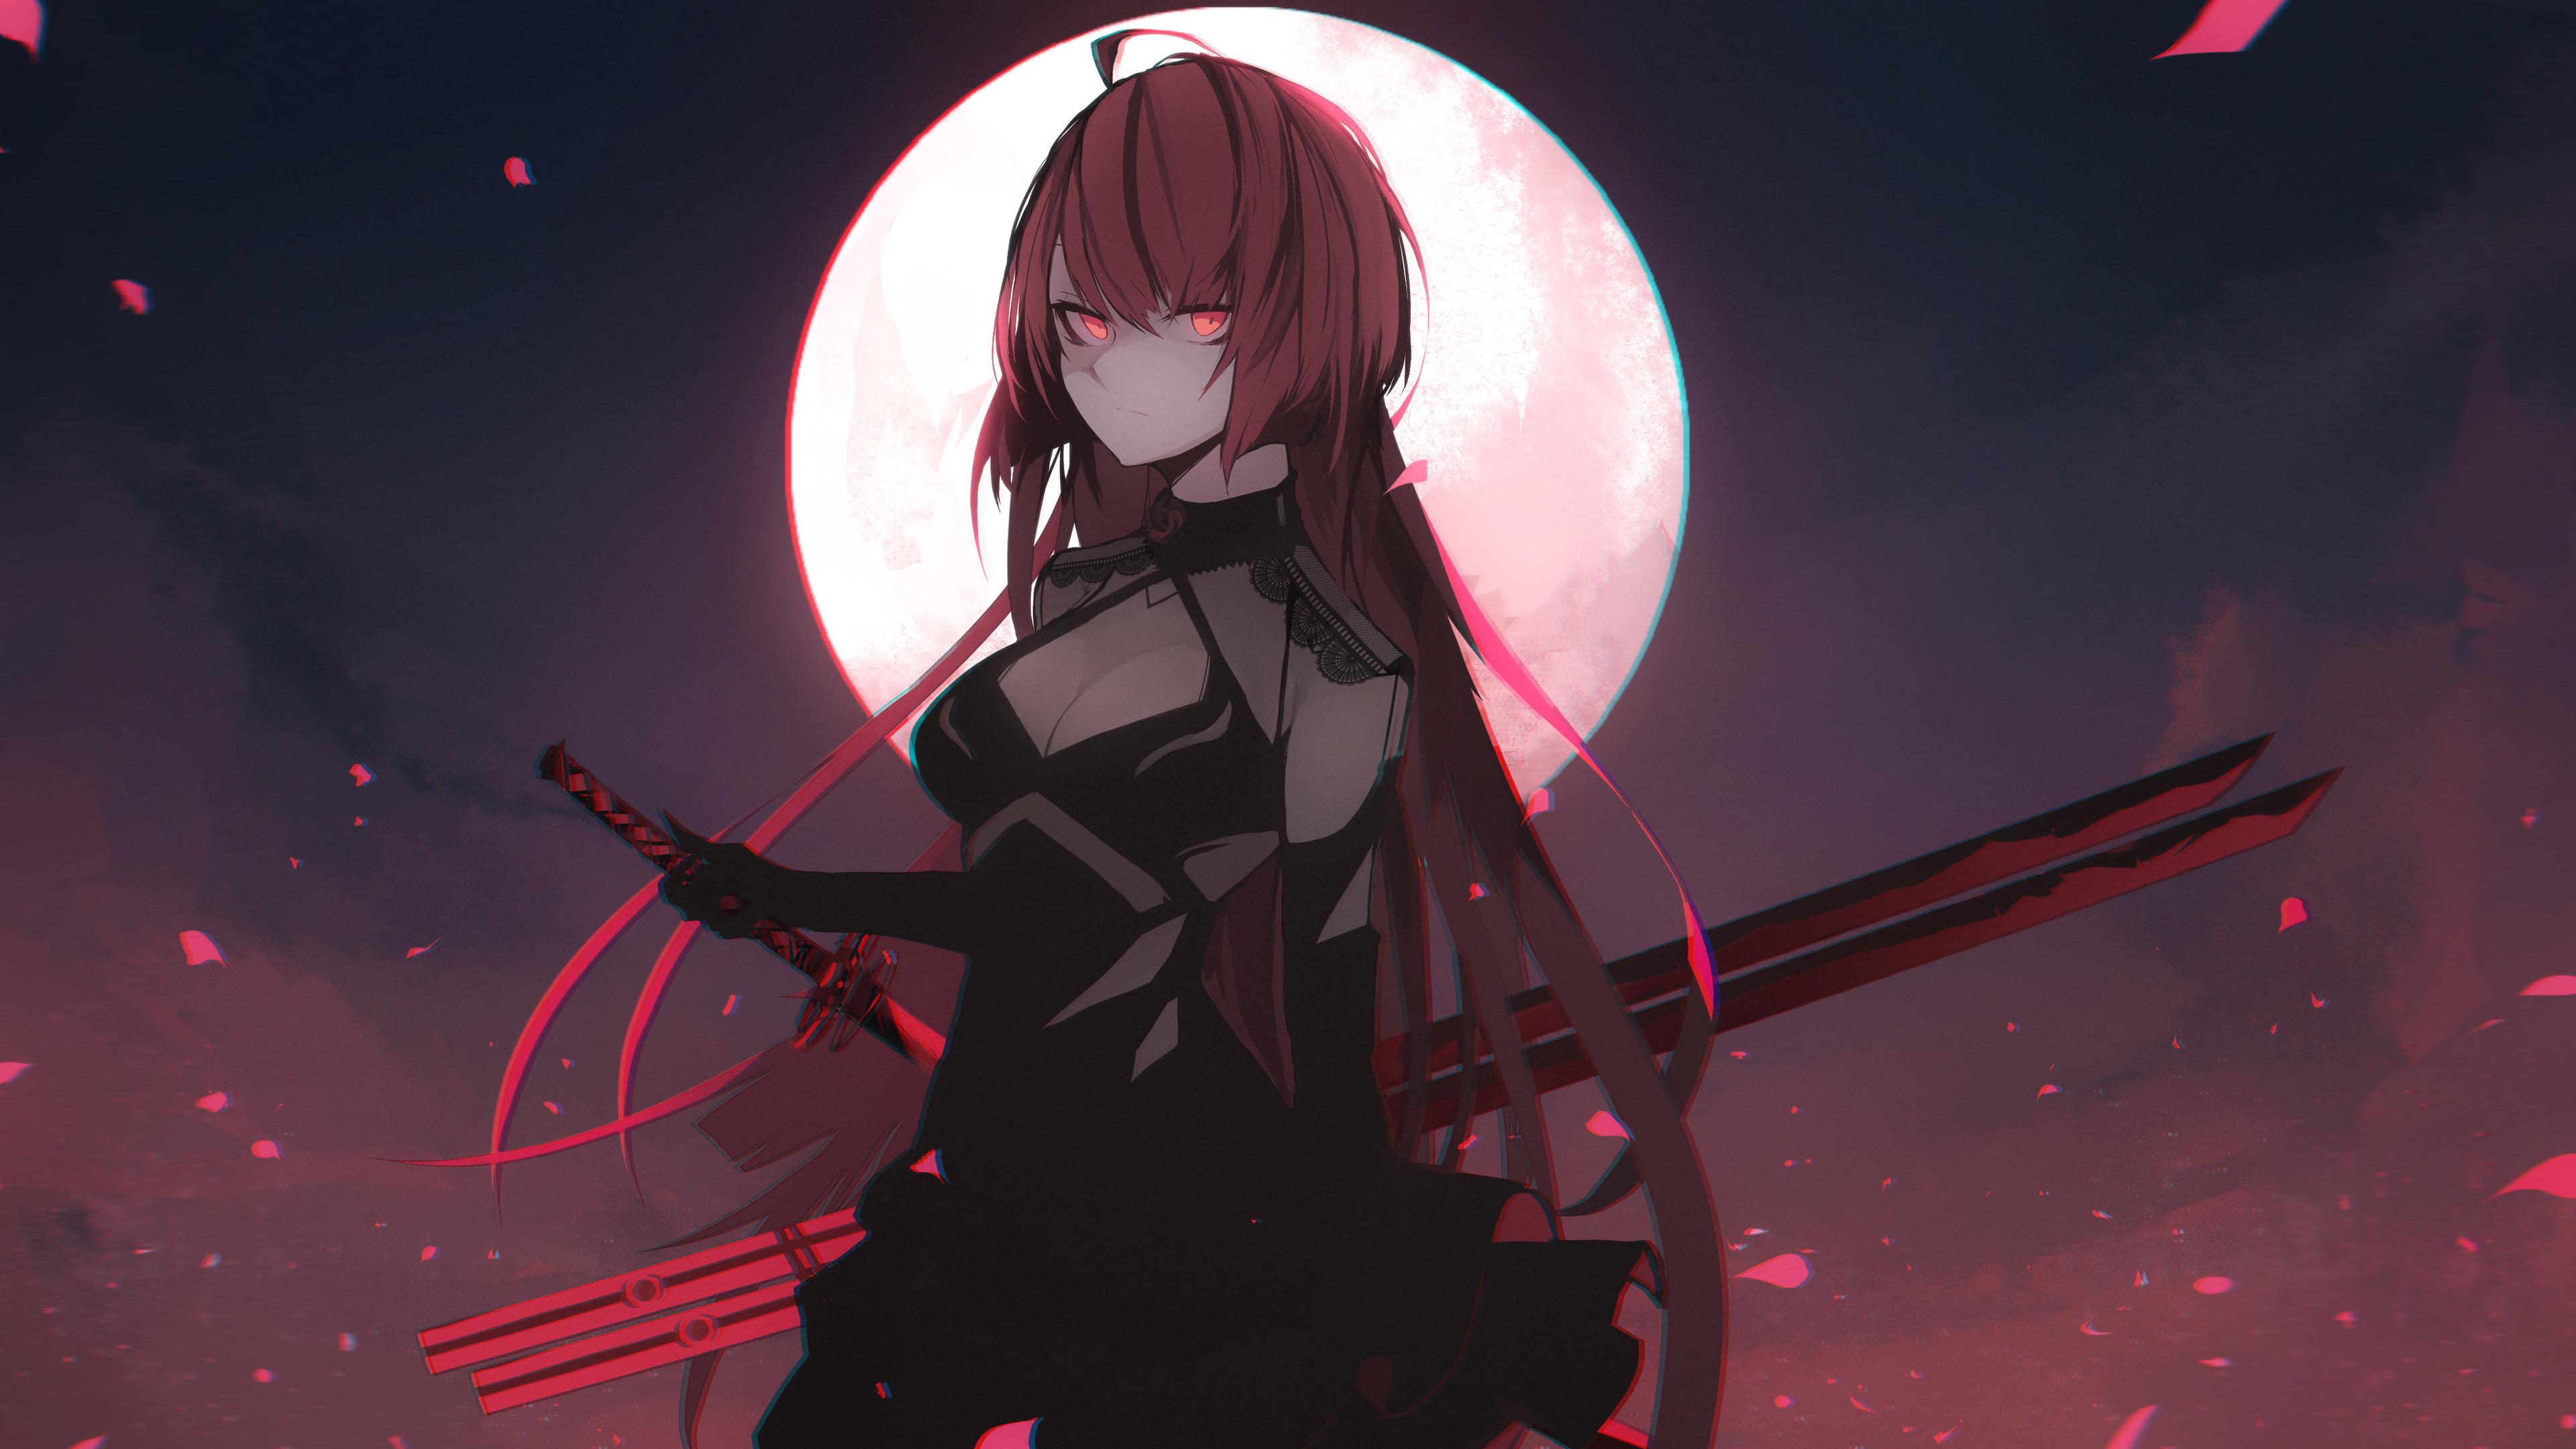 Anime 4k Wallpaper: Elesis Elsword Anime Character 4k Hd-wallpapers, Anime